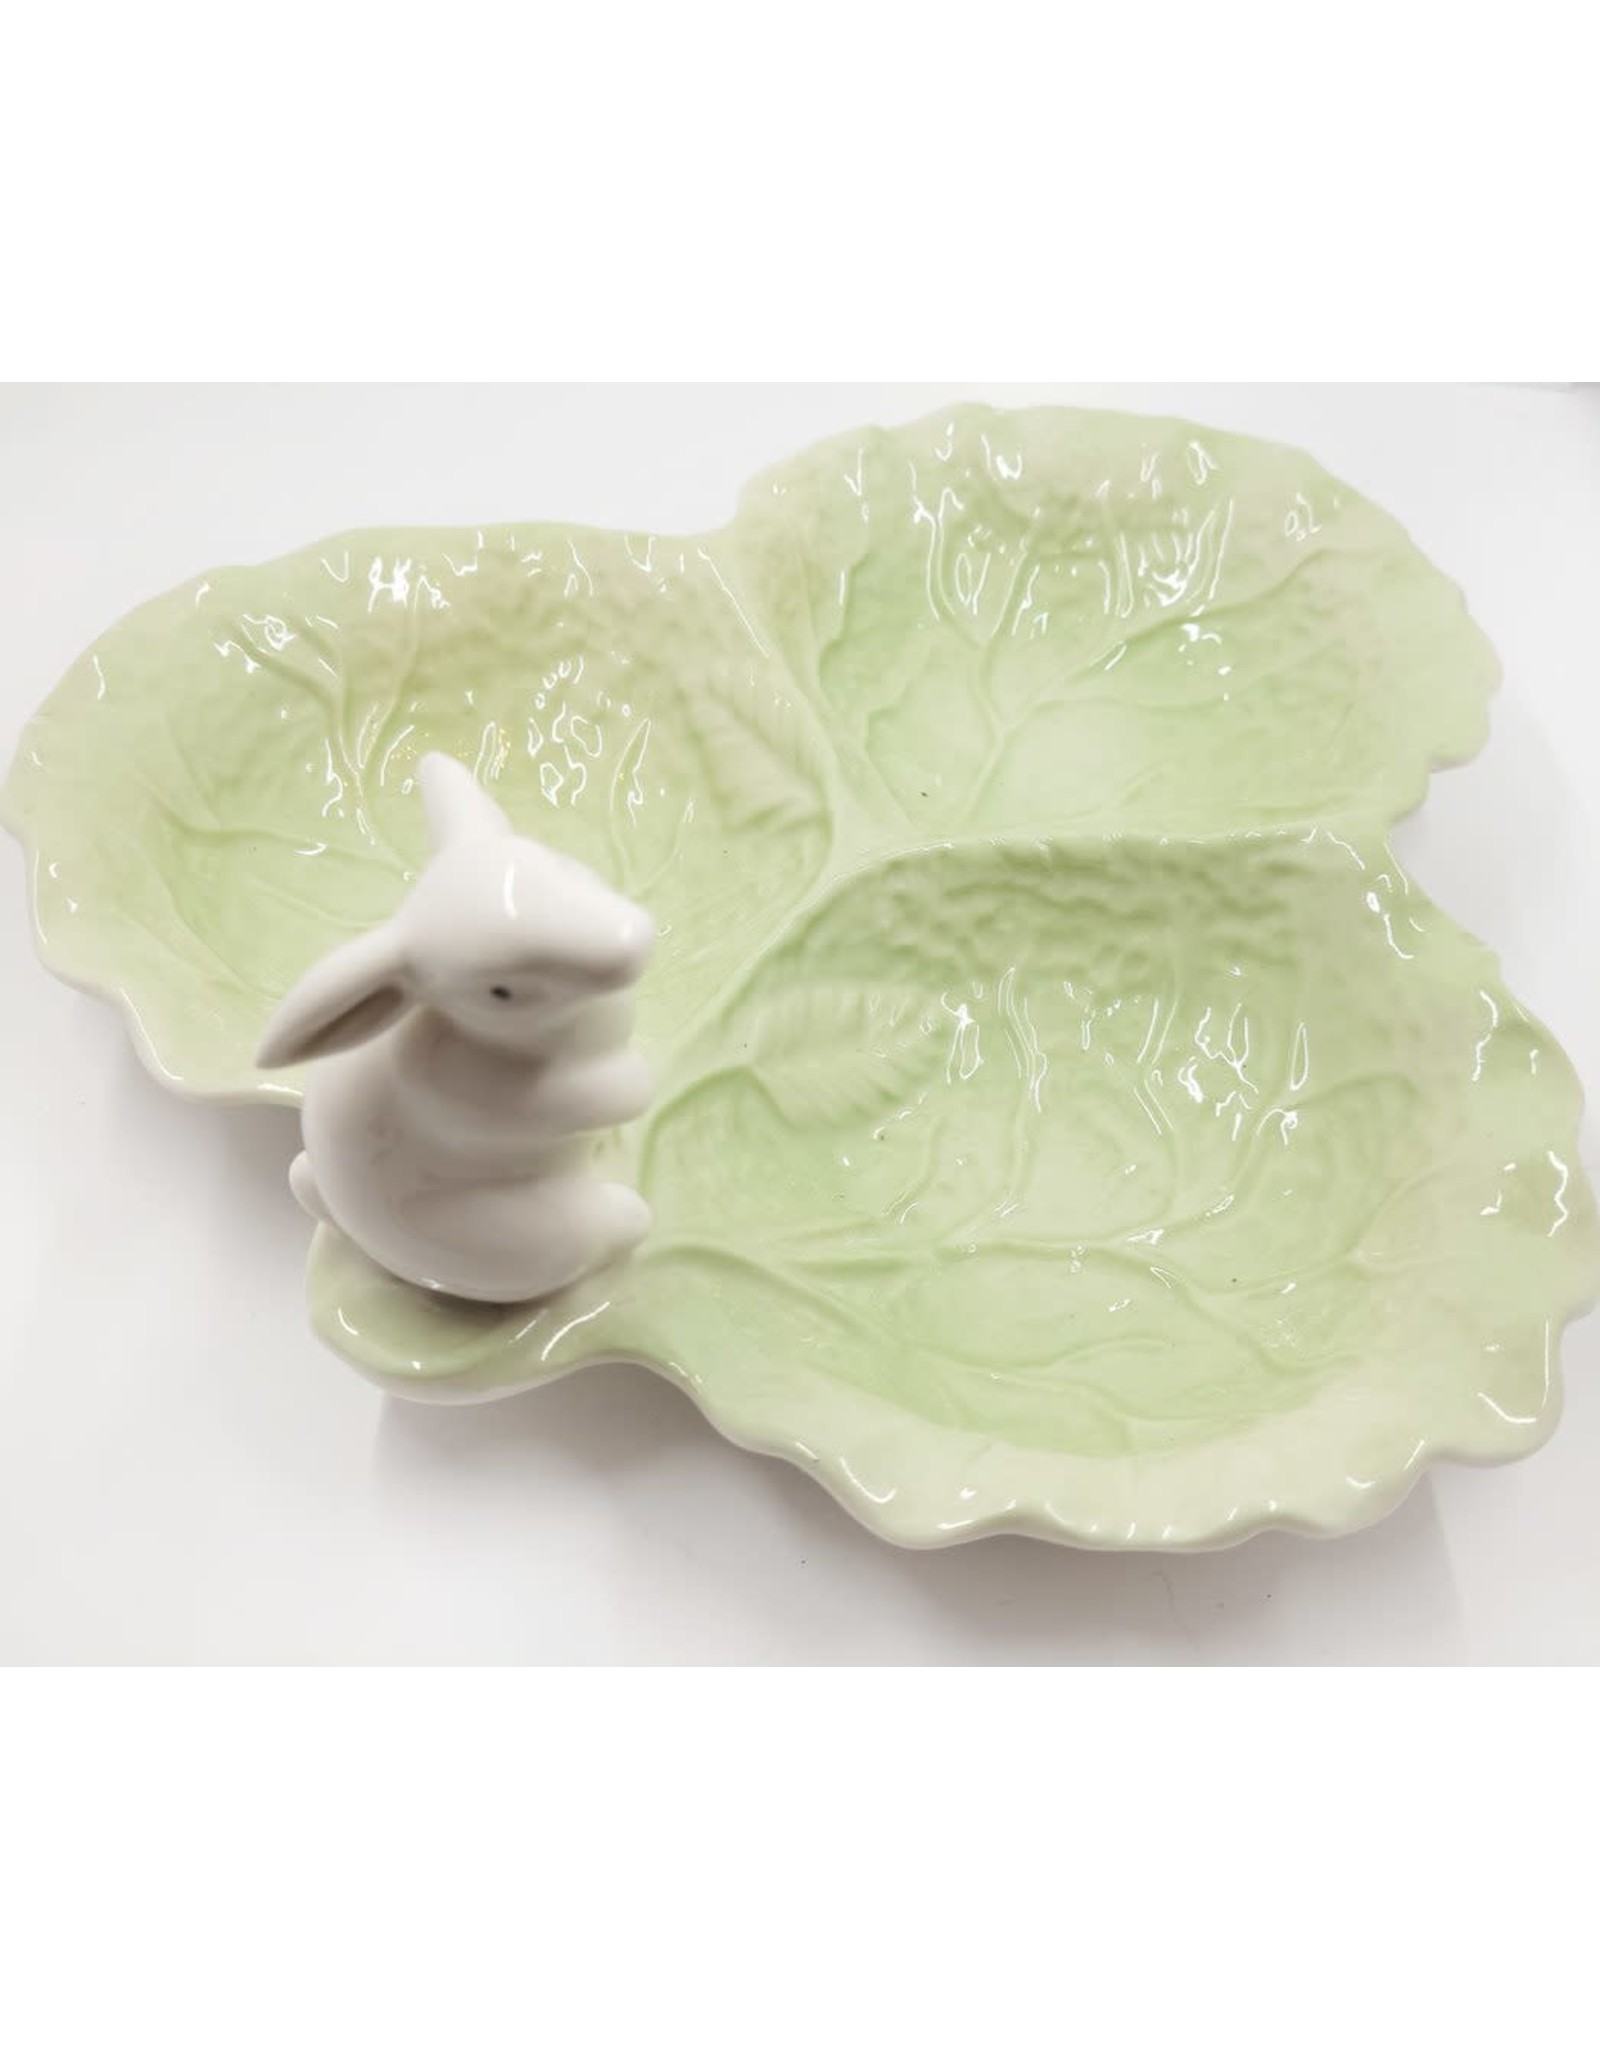 Lettuce Rabbit Dish